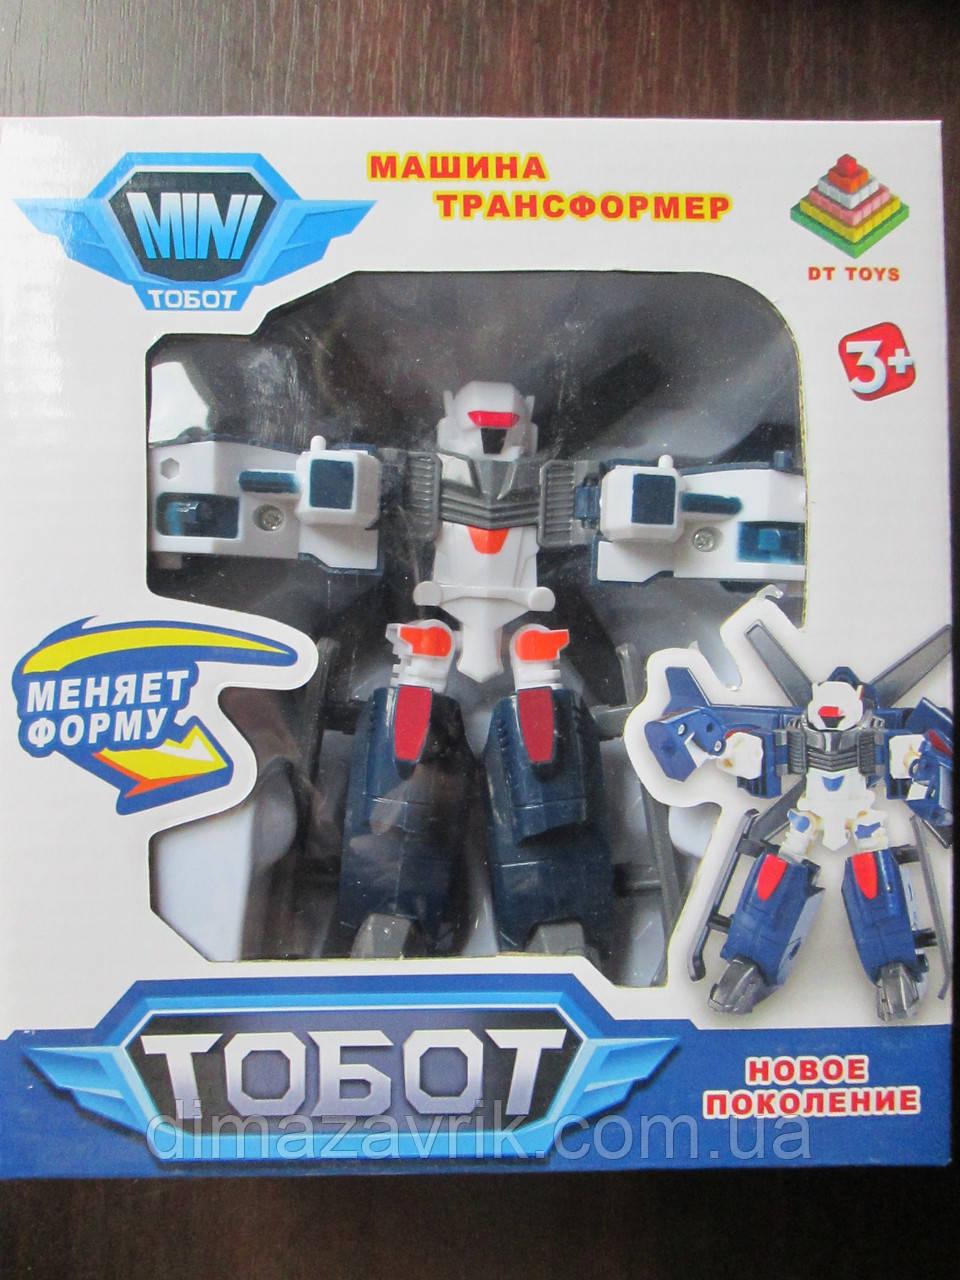 Трансформер Тобот H